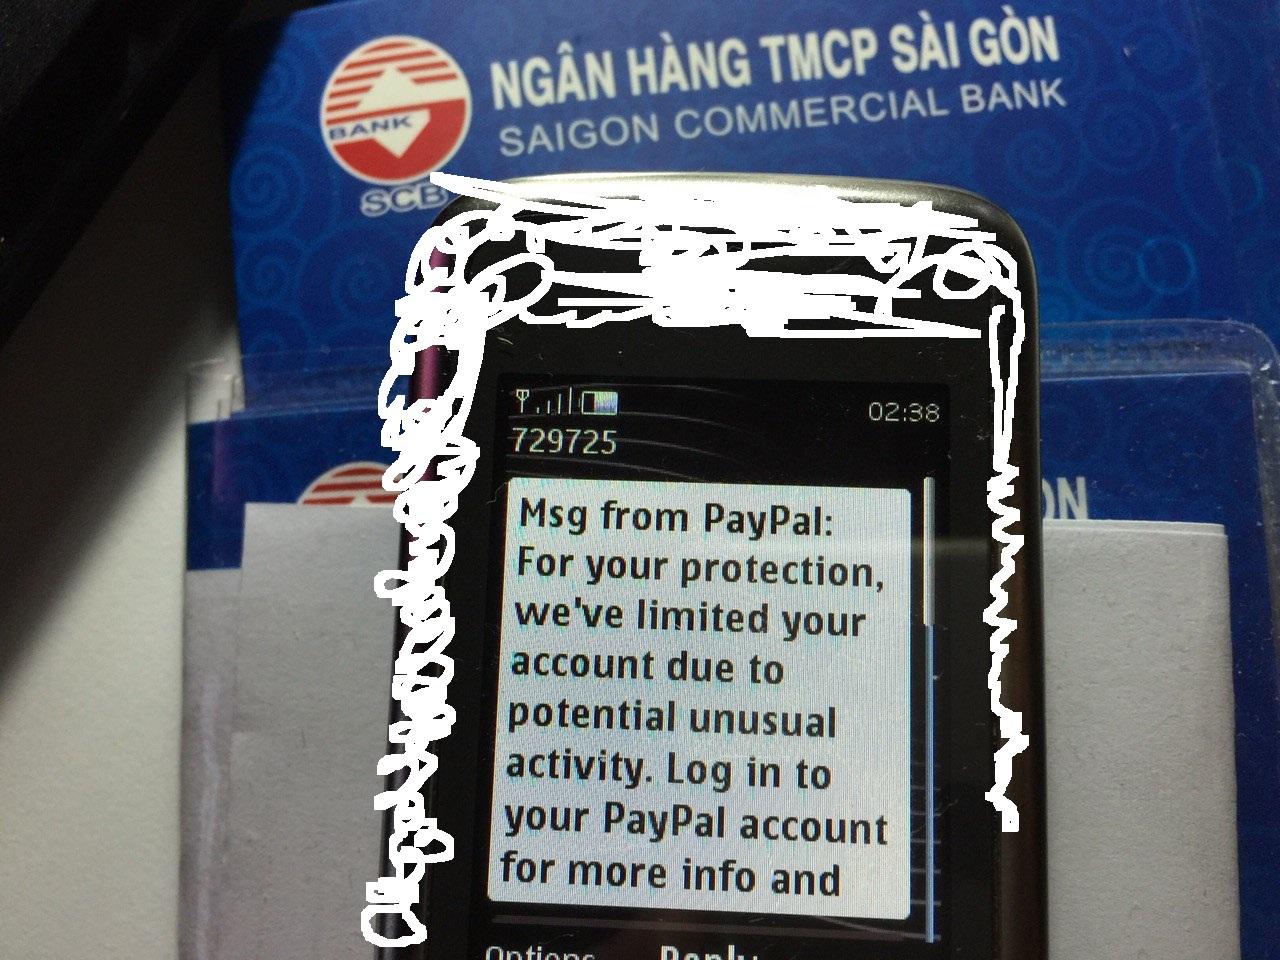 Kinh nghiệm sử dụng Paypal US khi kiếm tiền online tránh Limited